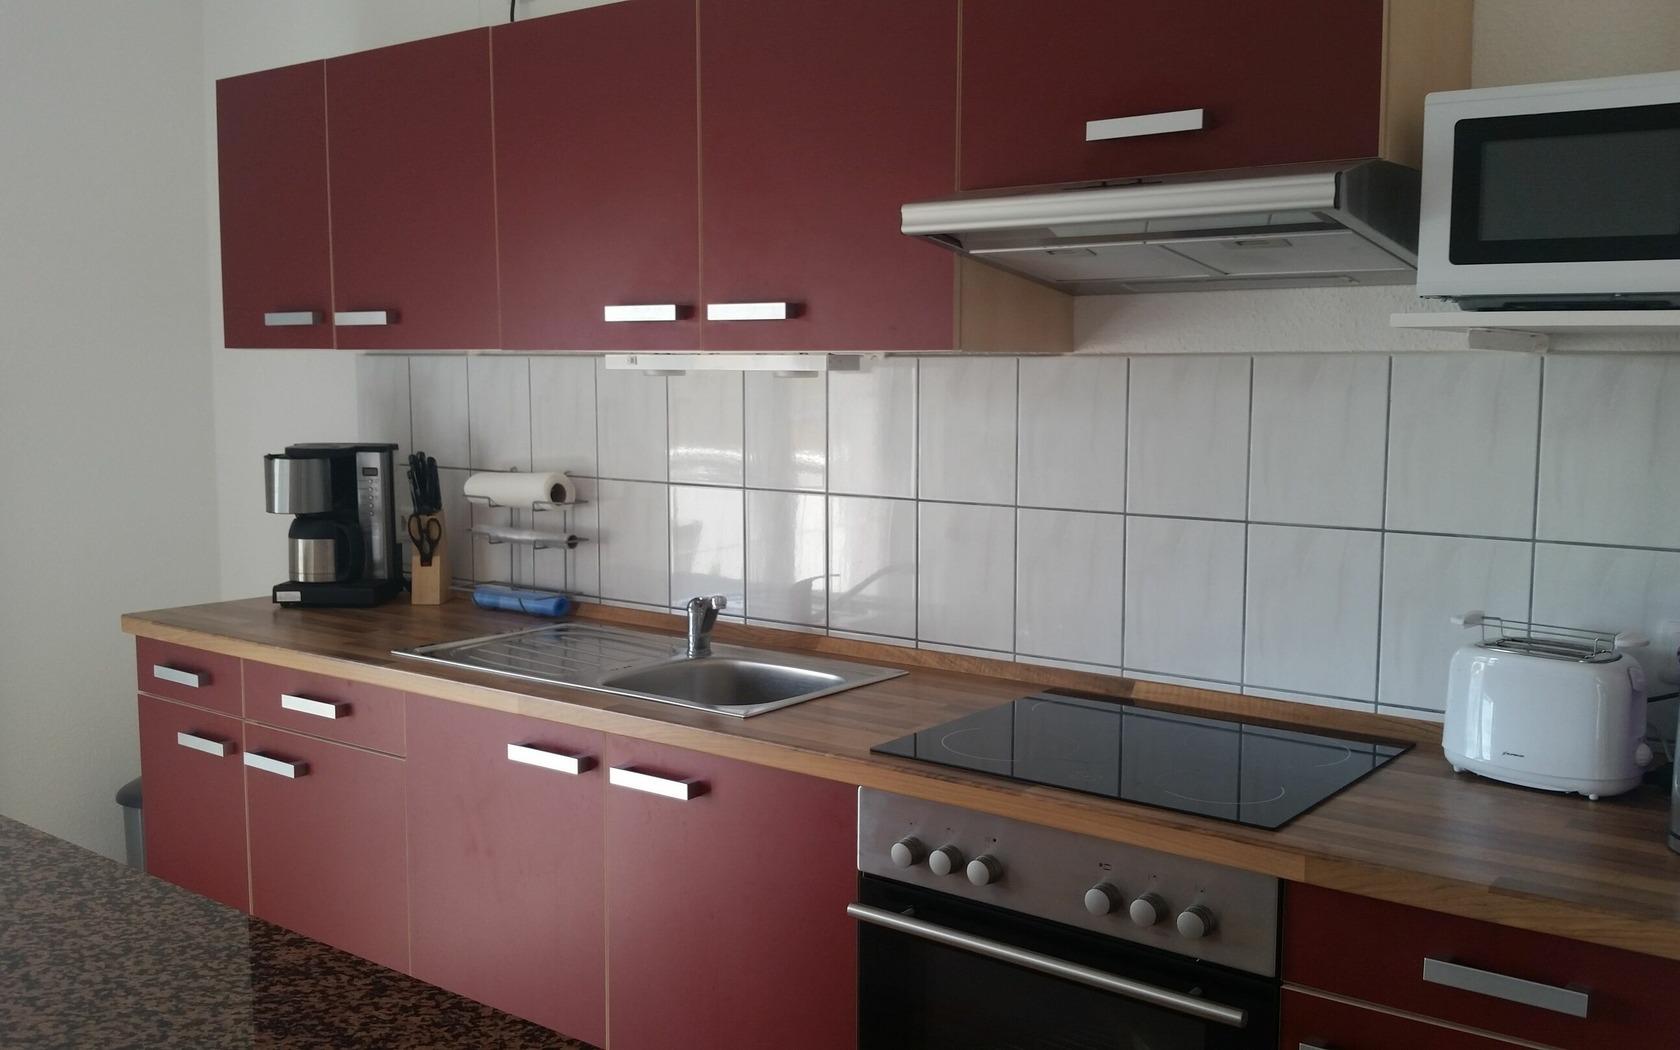 Ansicht Küchenbereich FeWo, Foto: MuT Guben